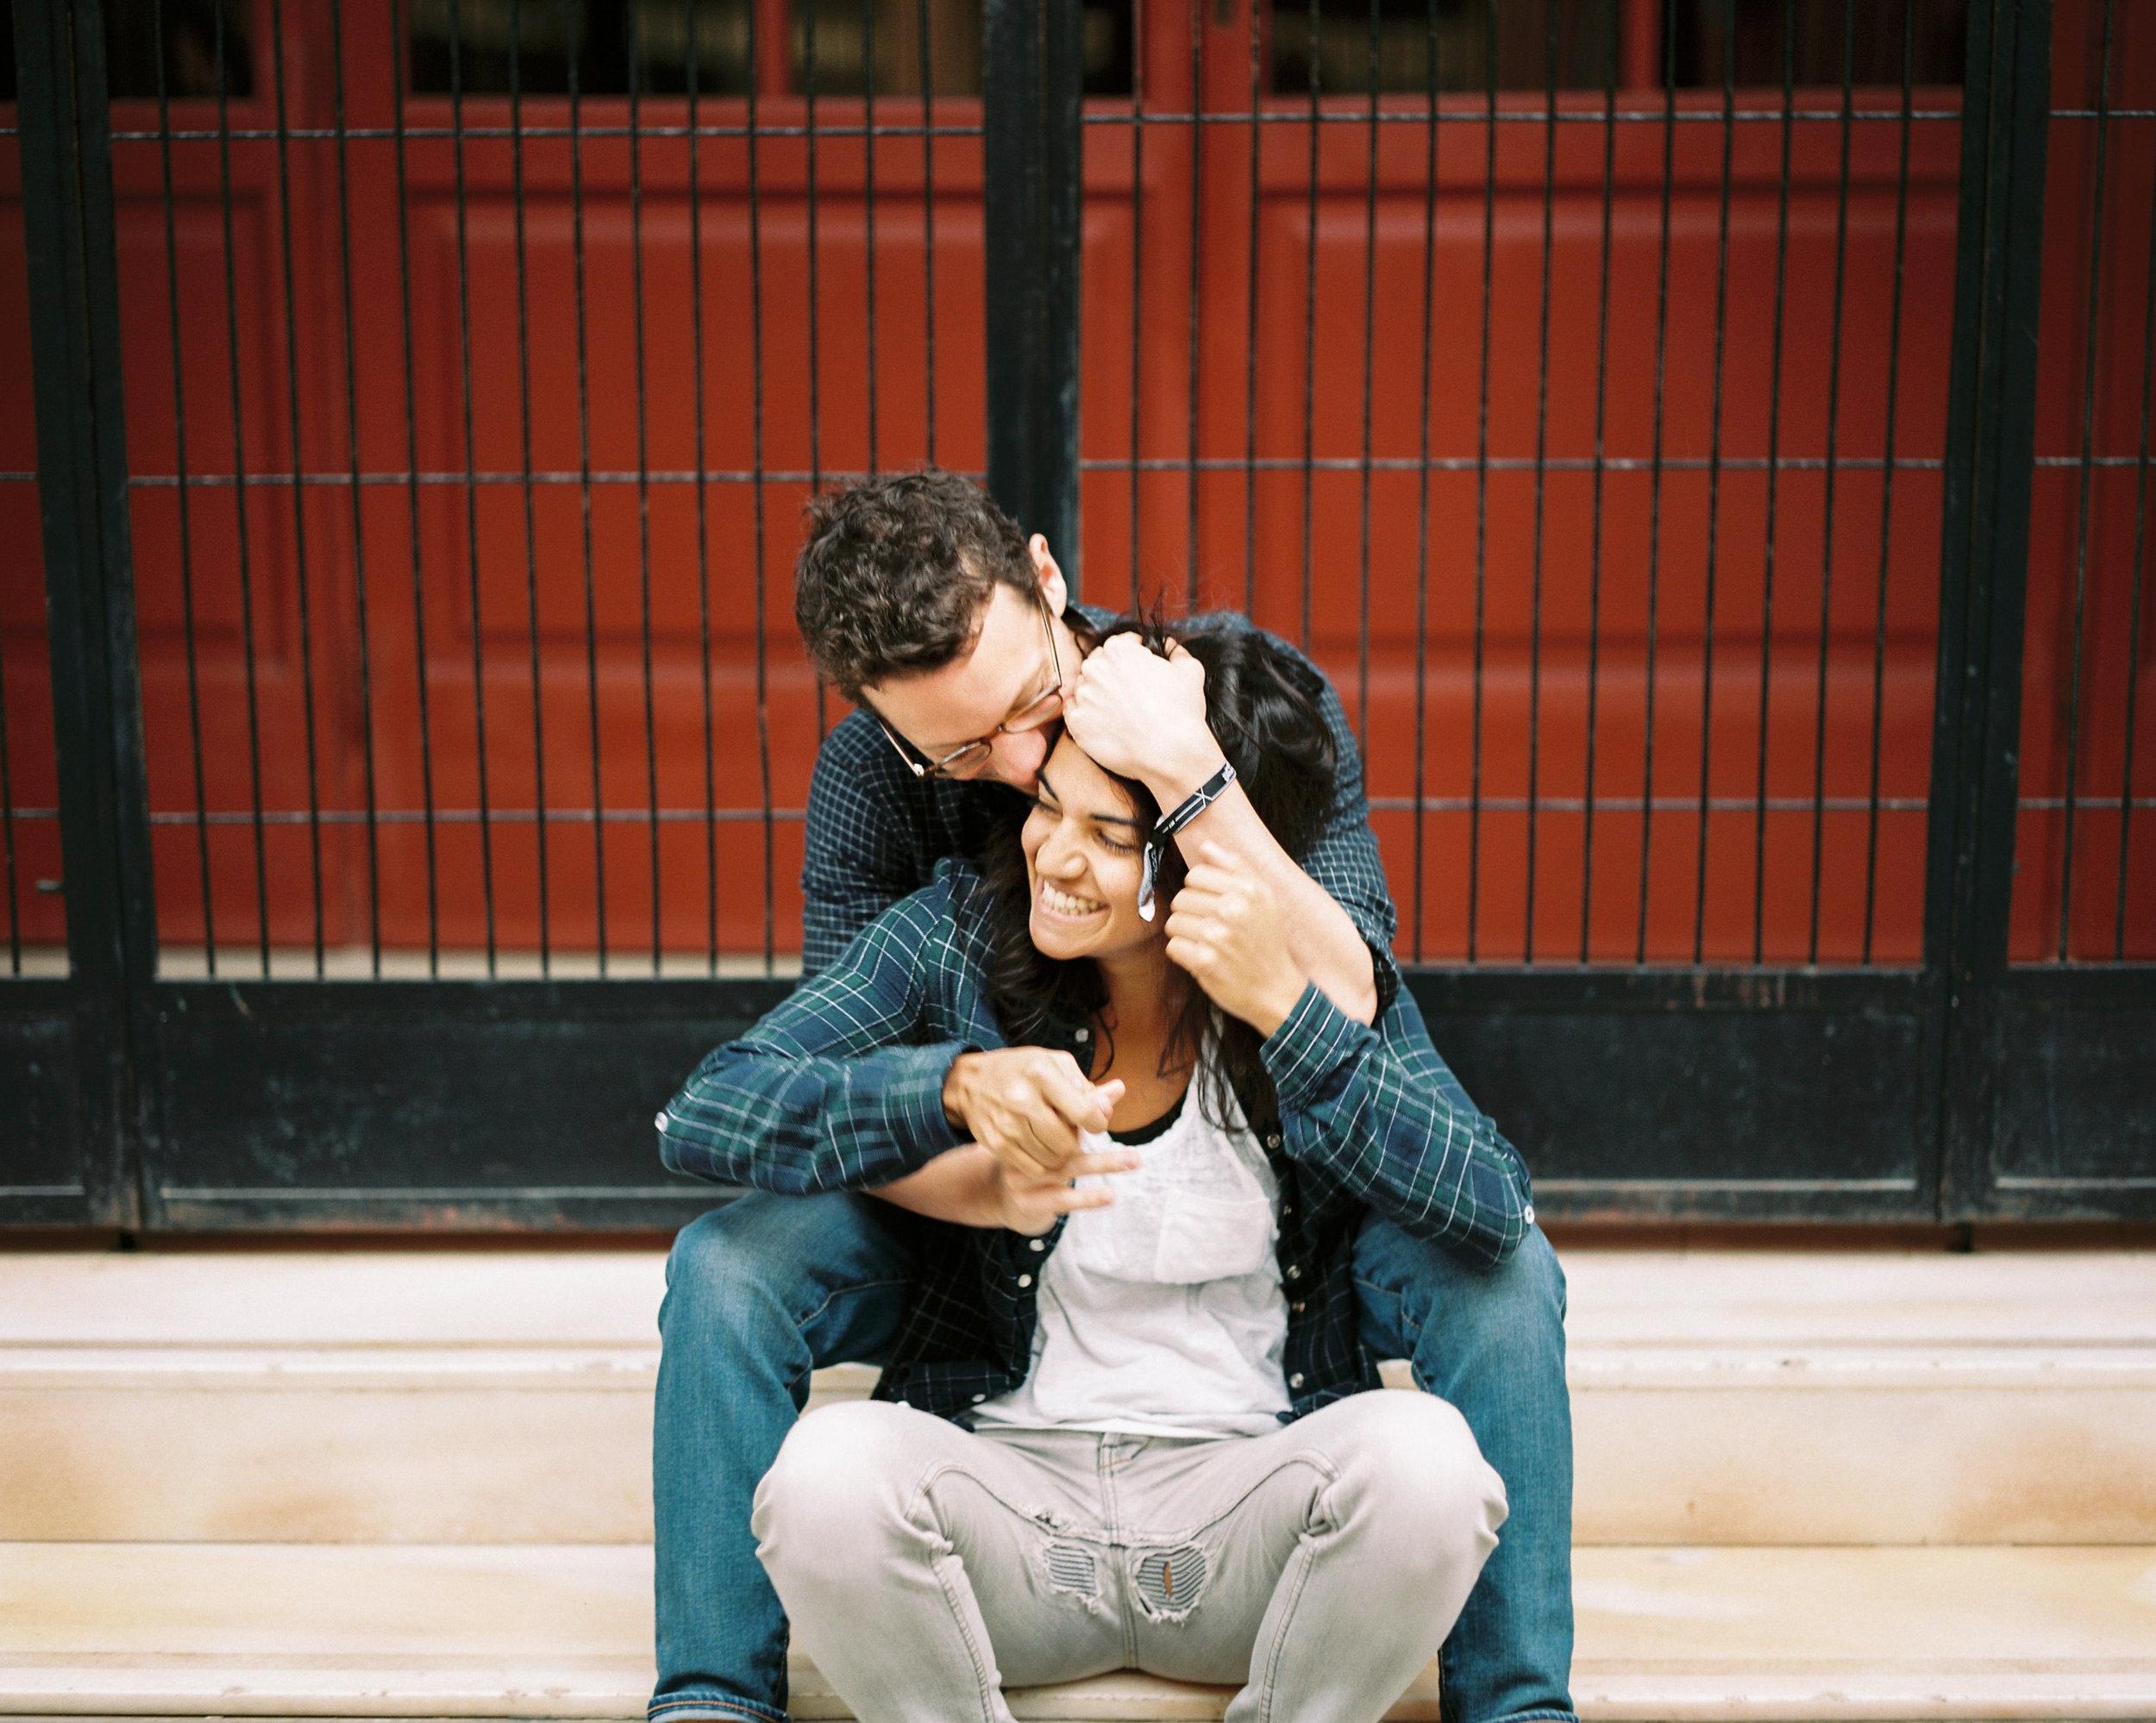 celinehamelin-photographe-couple-argentique-loversession-espagne-sudouest-filmphotography3.jpg